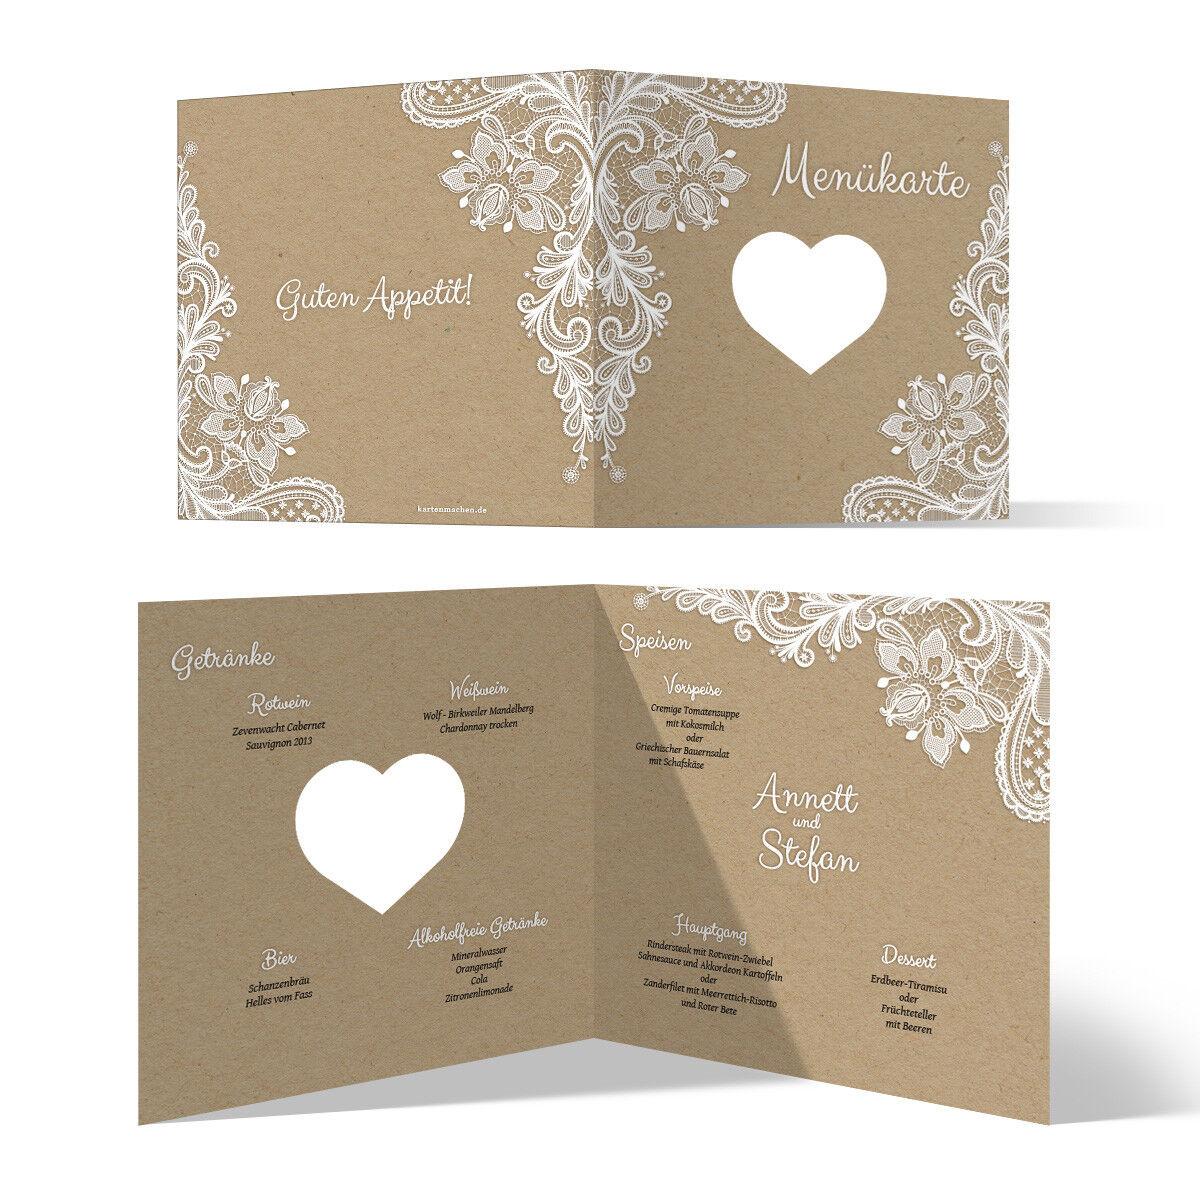 Lasergeschnittene Hochzeit Menükarten Speisen Getränkekarte Rustikal Kraftpapier | Outlet Online  | Angenehmes Gefühl